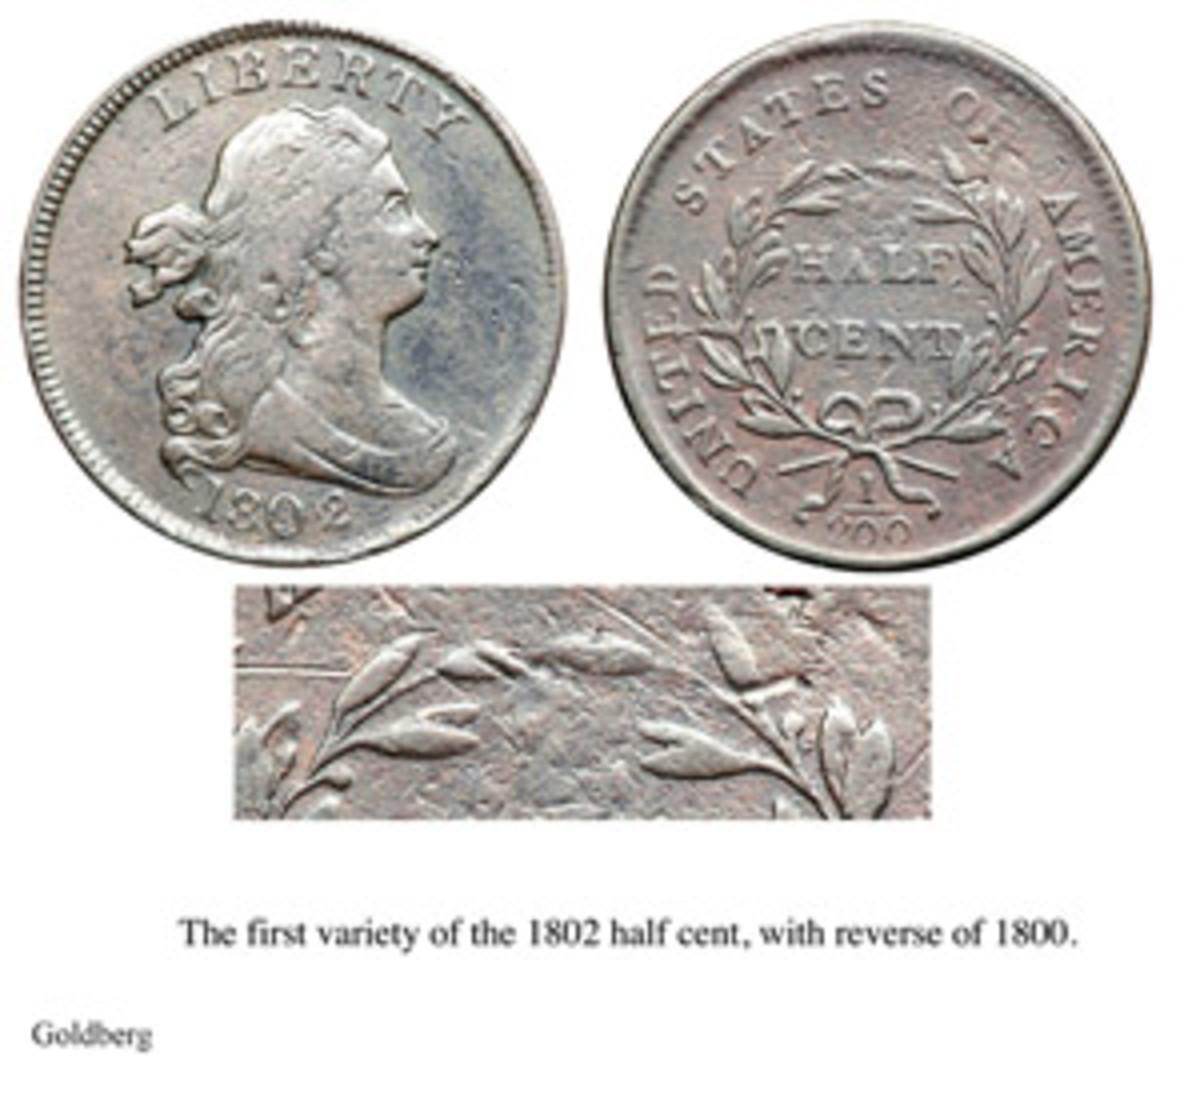 1802-rev-of-1800